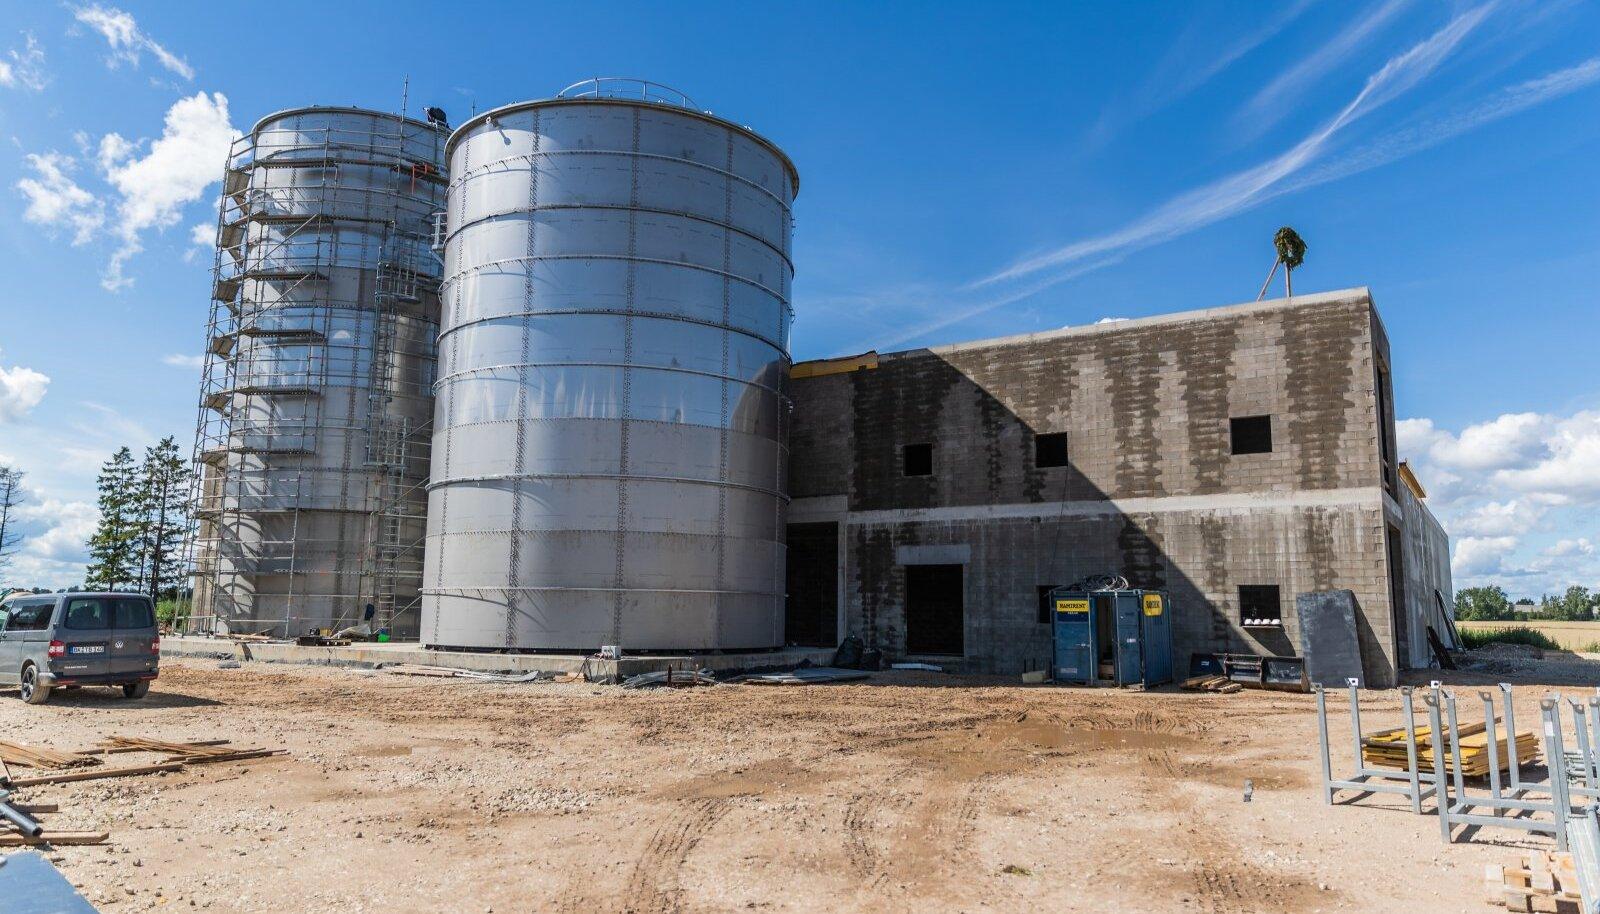 Estoveri piimatööstus sai PRIA-lt investeeringuteks 800 000 eurot. Eelmisel sügisel peeti ettevõtte uues biogaasijaamas sarikapidu.